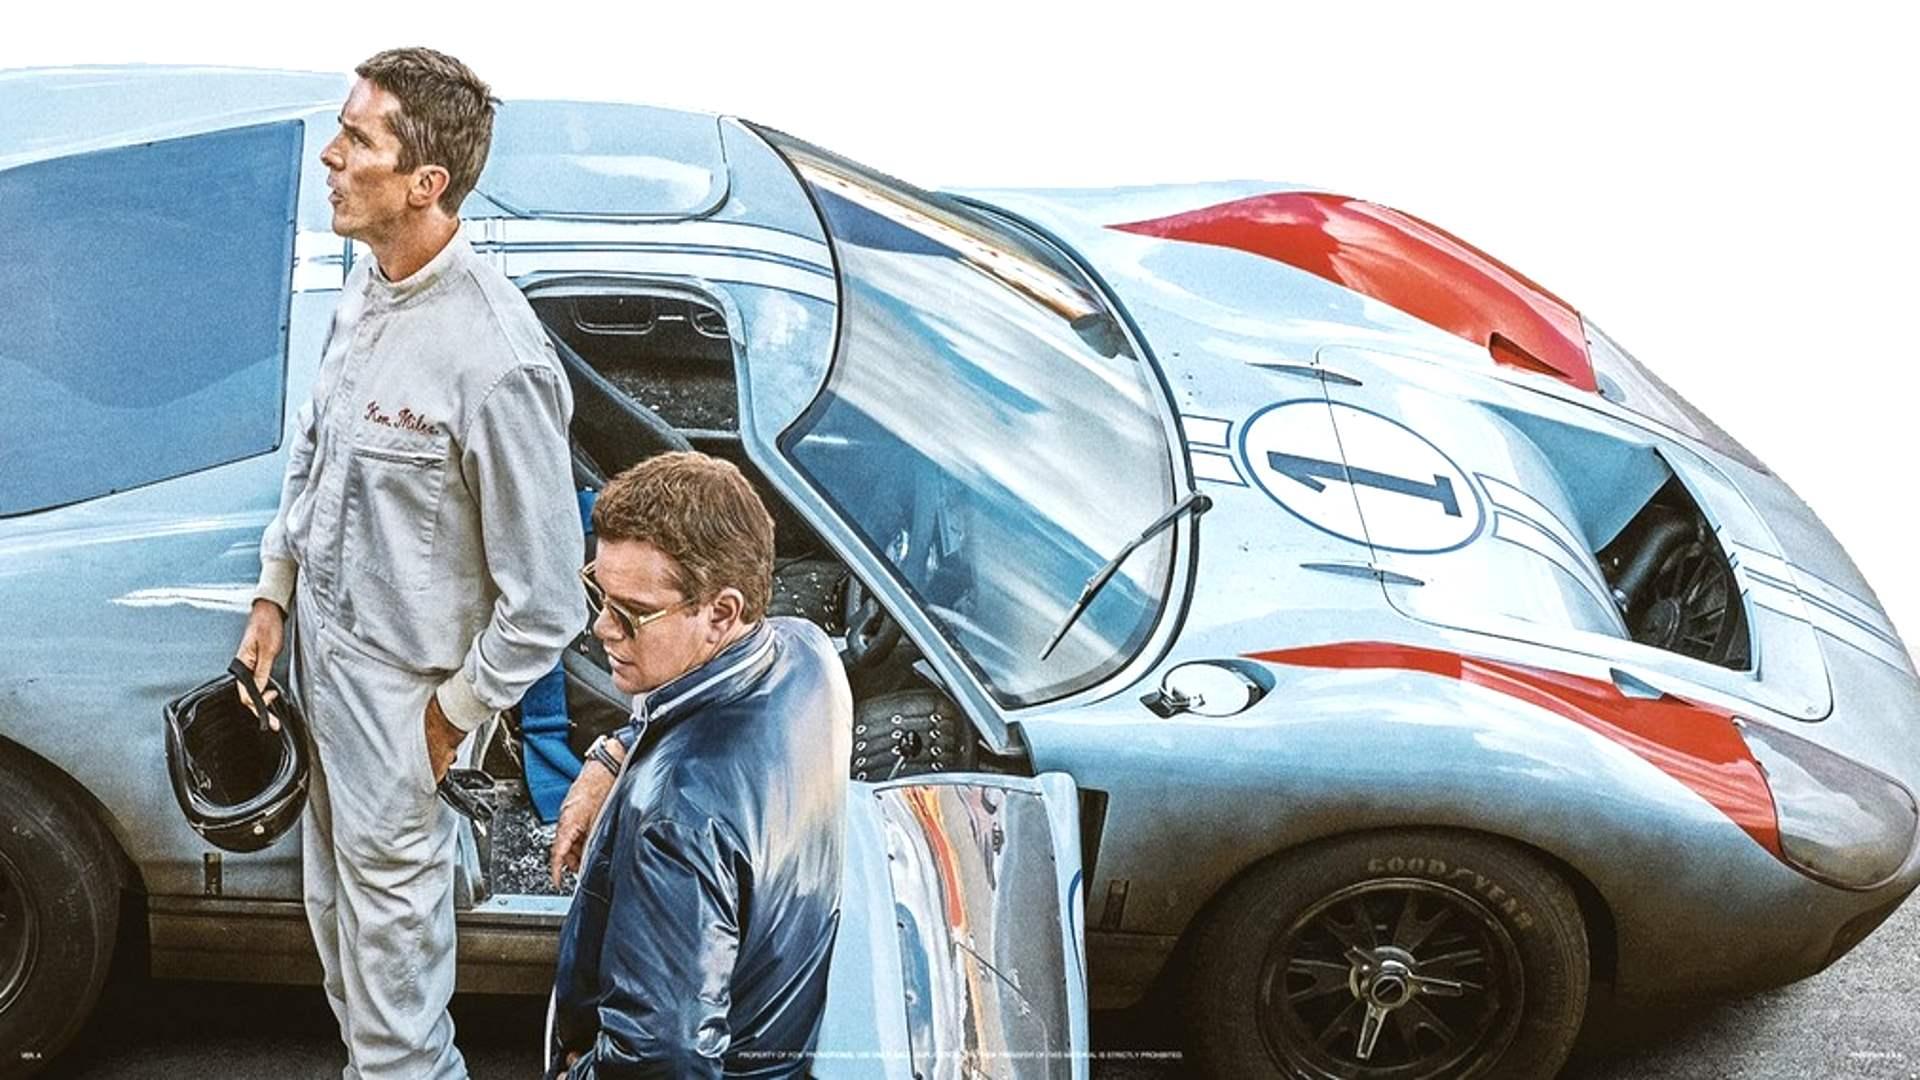 Le Mans '66 - La Grande sfida: ecco il trailer con Christian Bale e Matt Damon